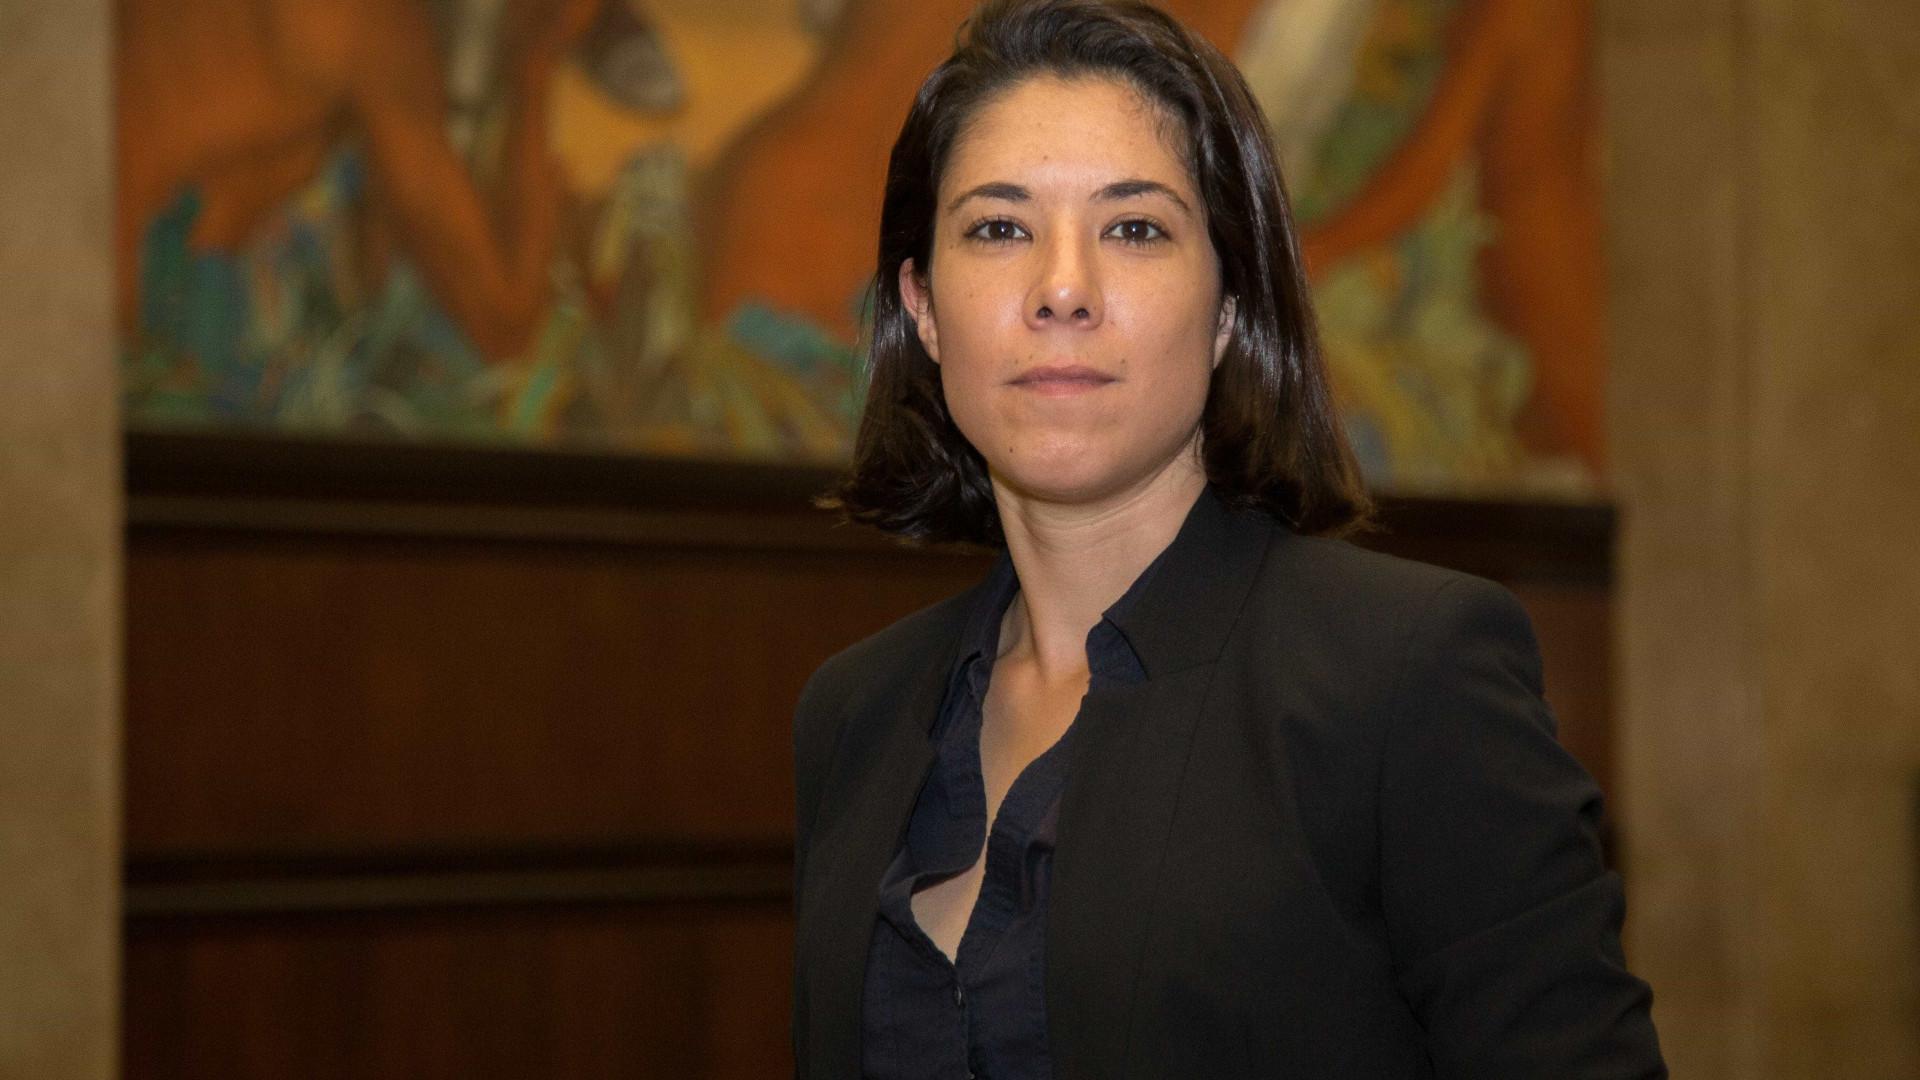 Autárquicas: Joana Mortágua elege habitação como prioridade para Almada